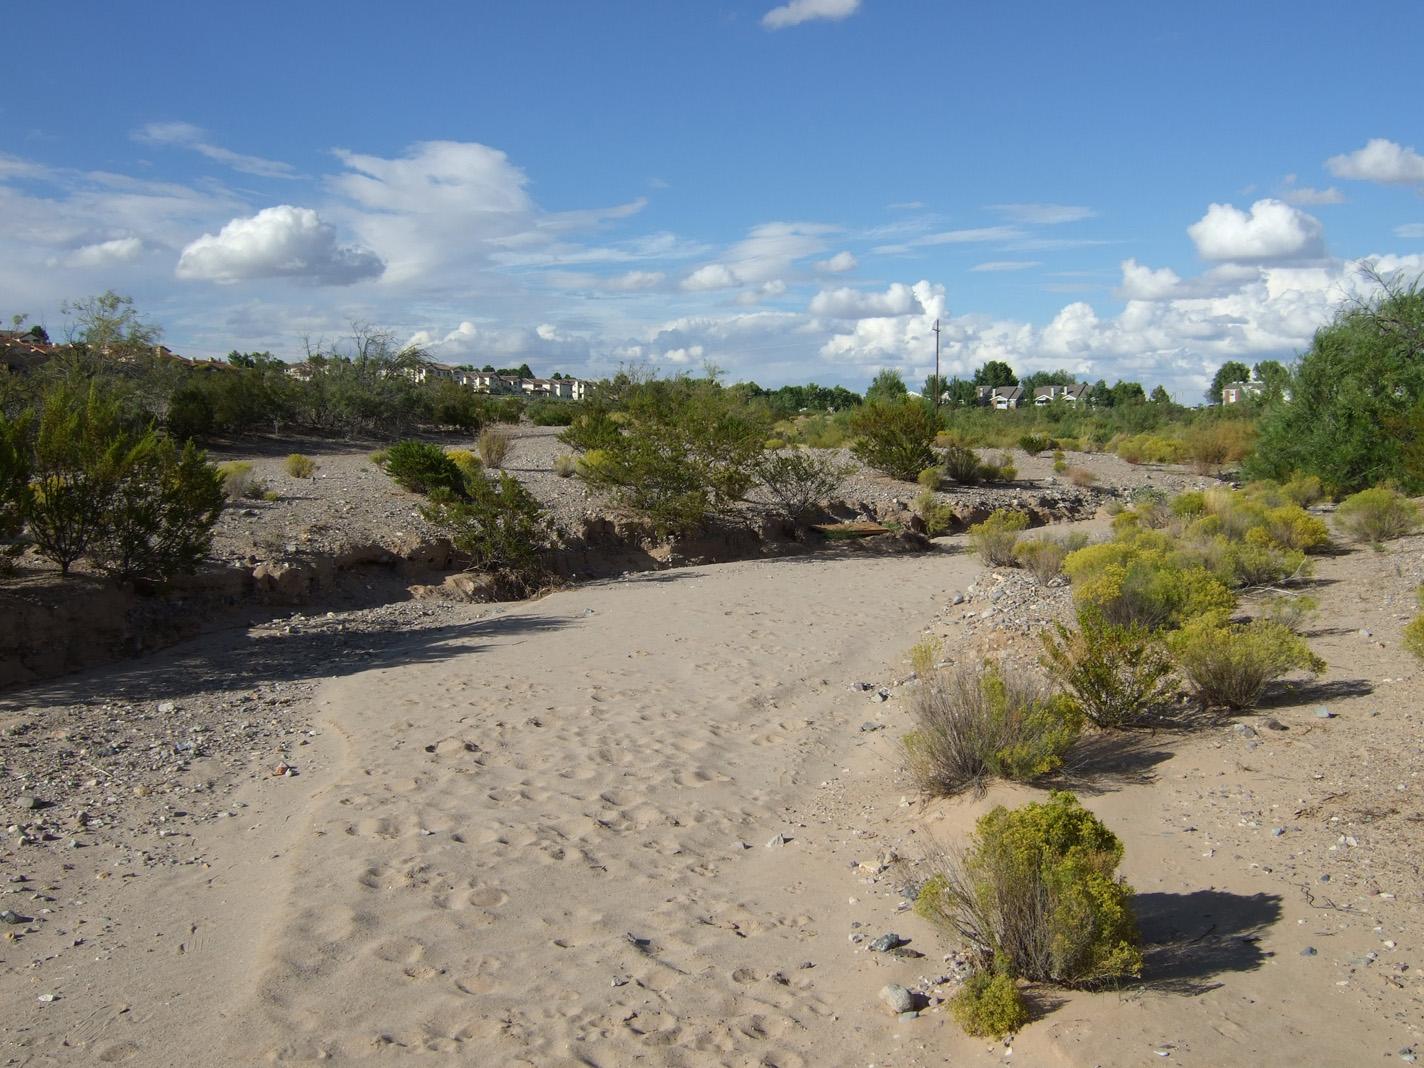 Arroyo Creek Wikipedia